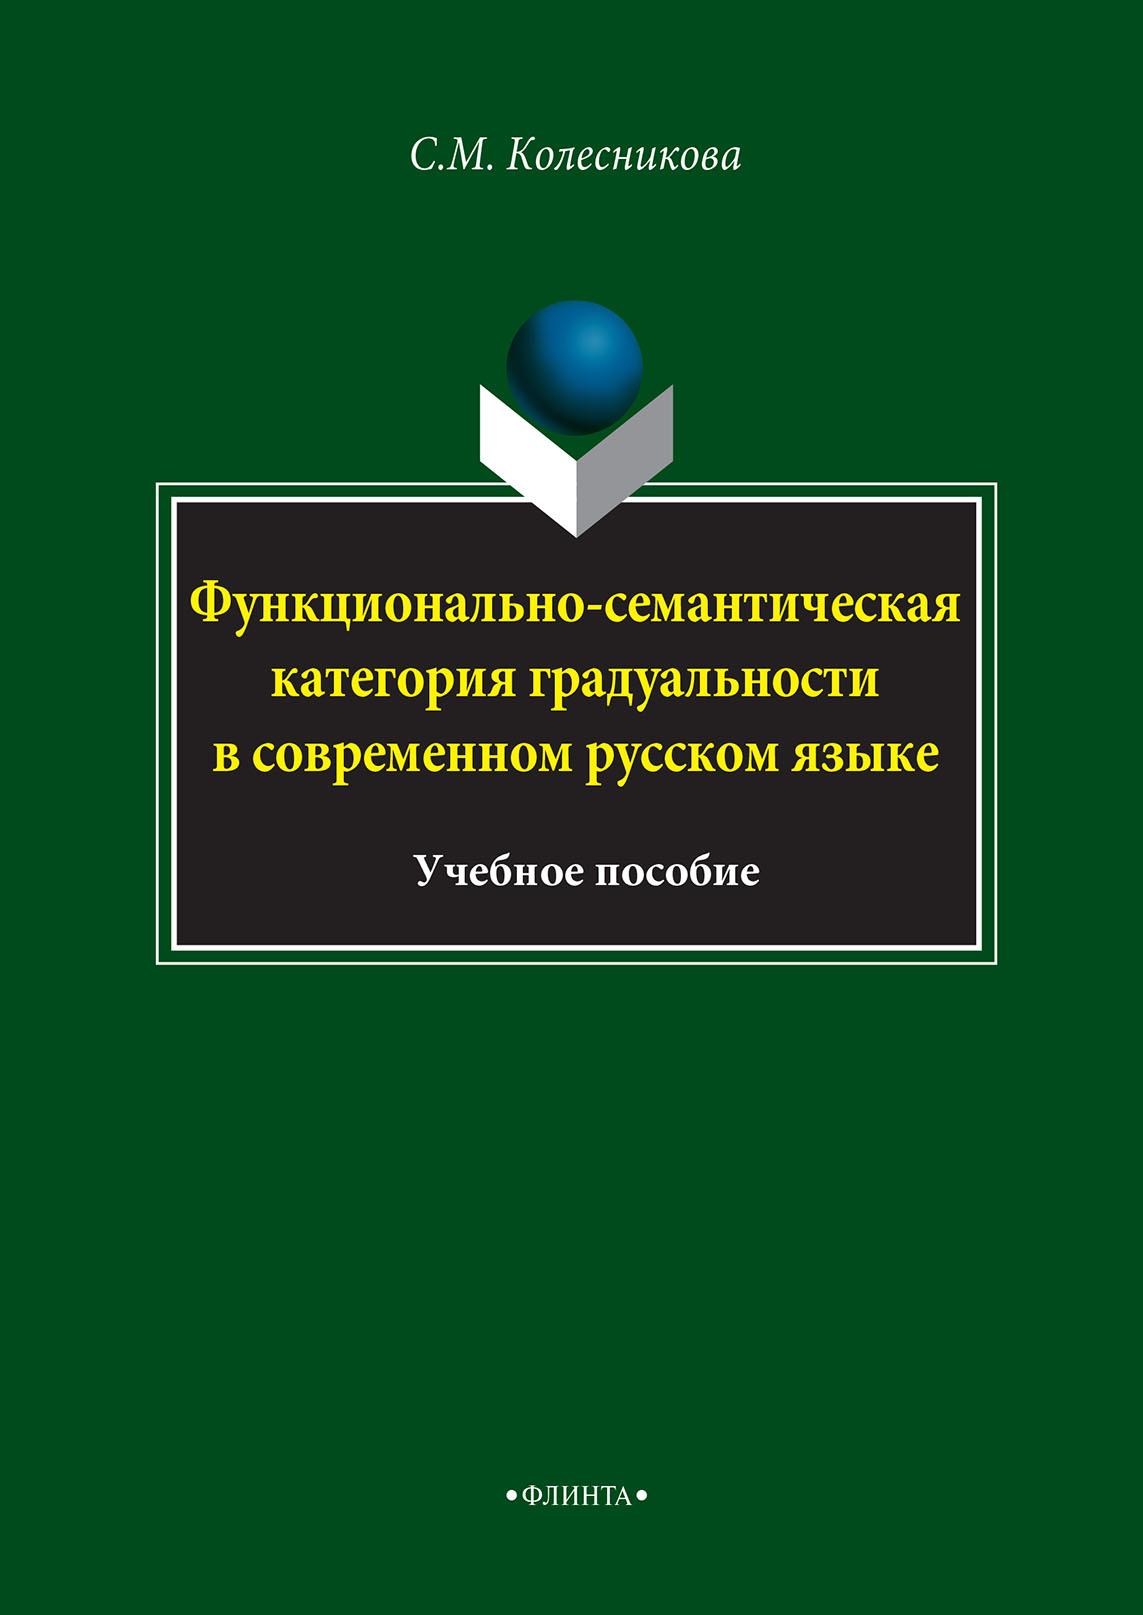 Функционально-семантическая категория градуальности в современном русском языке ( С. М. Колесникова  )